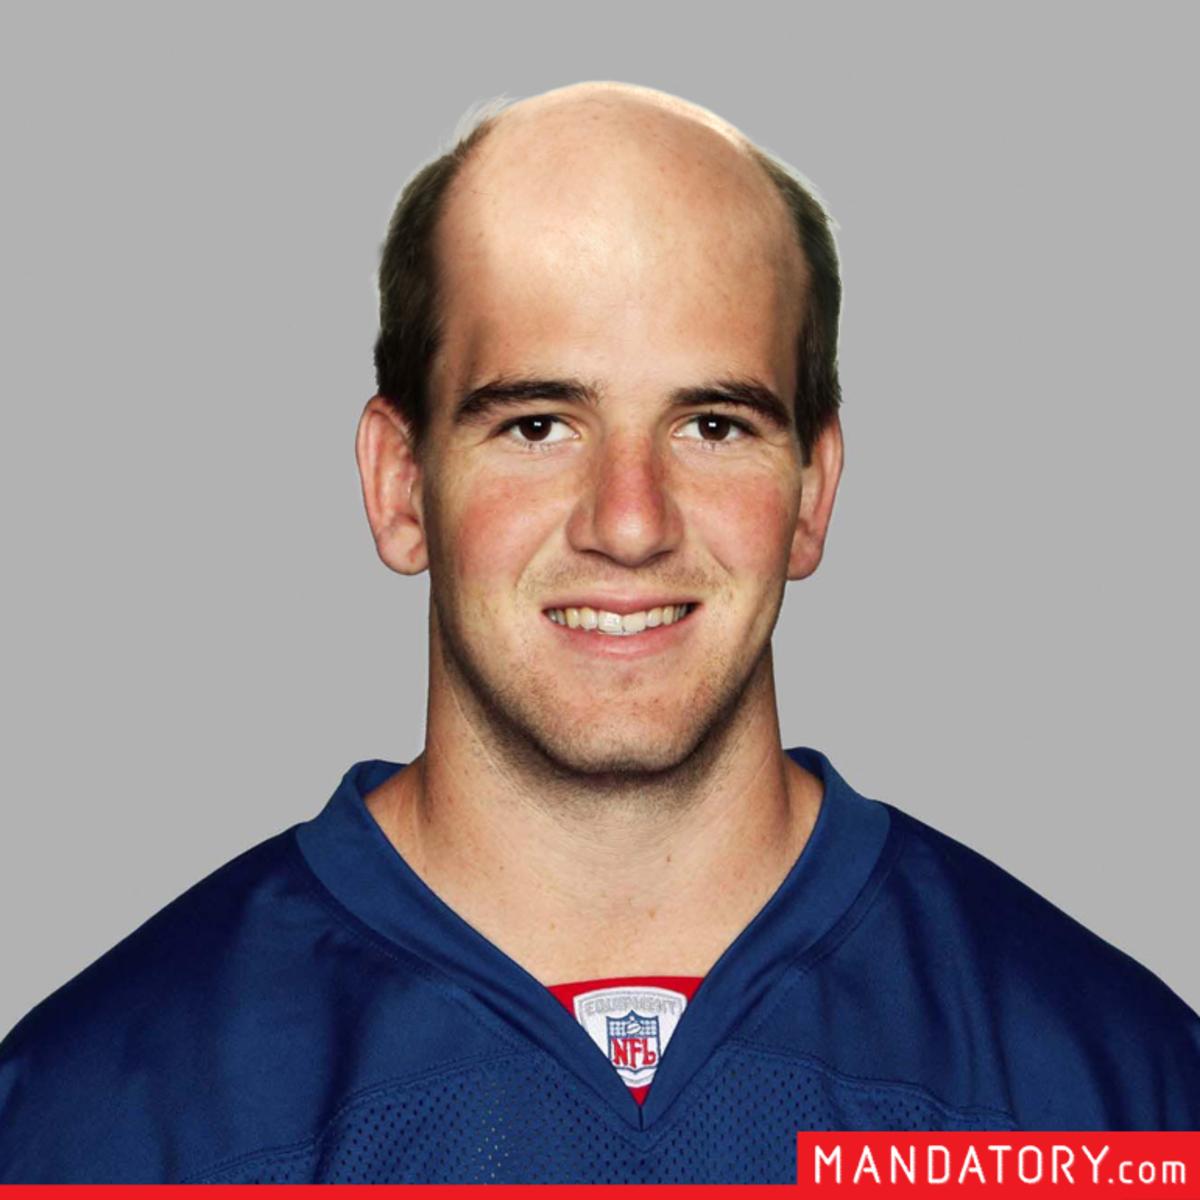 bald_qbs_01.png